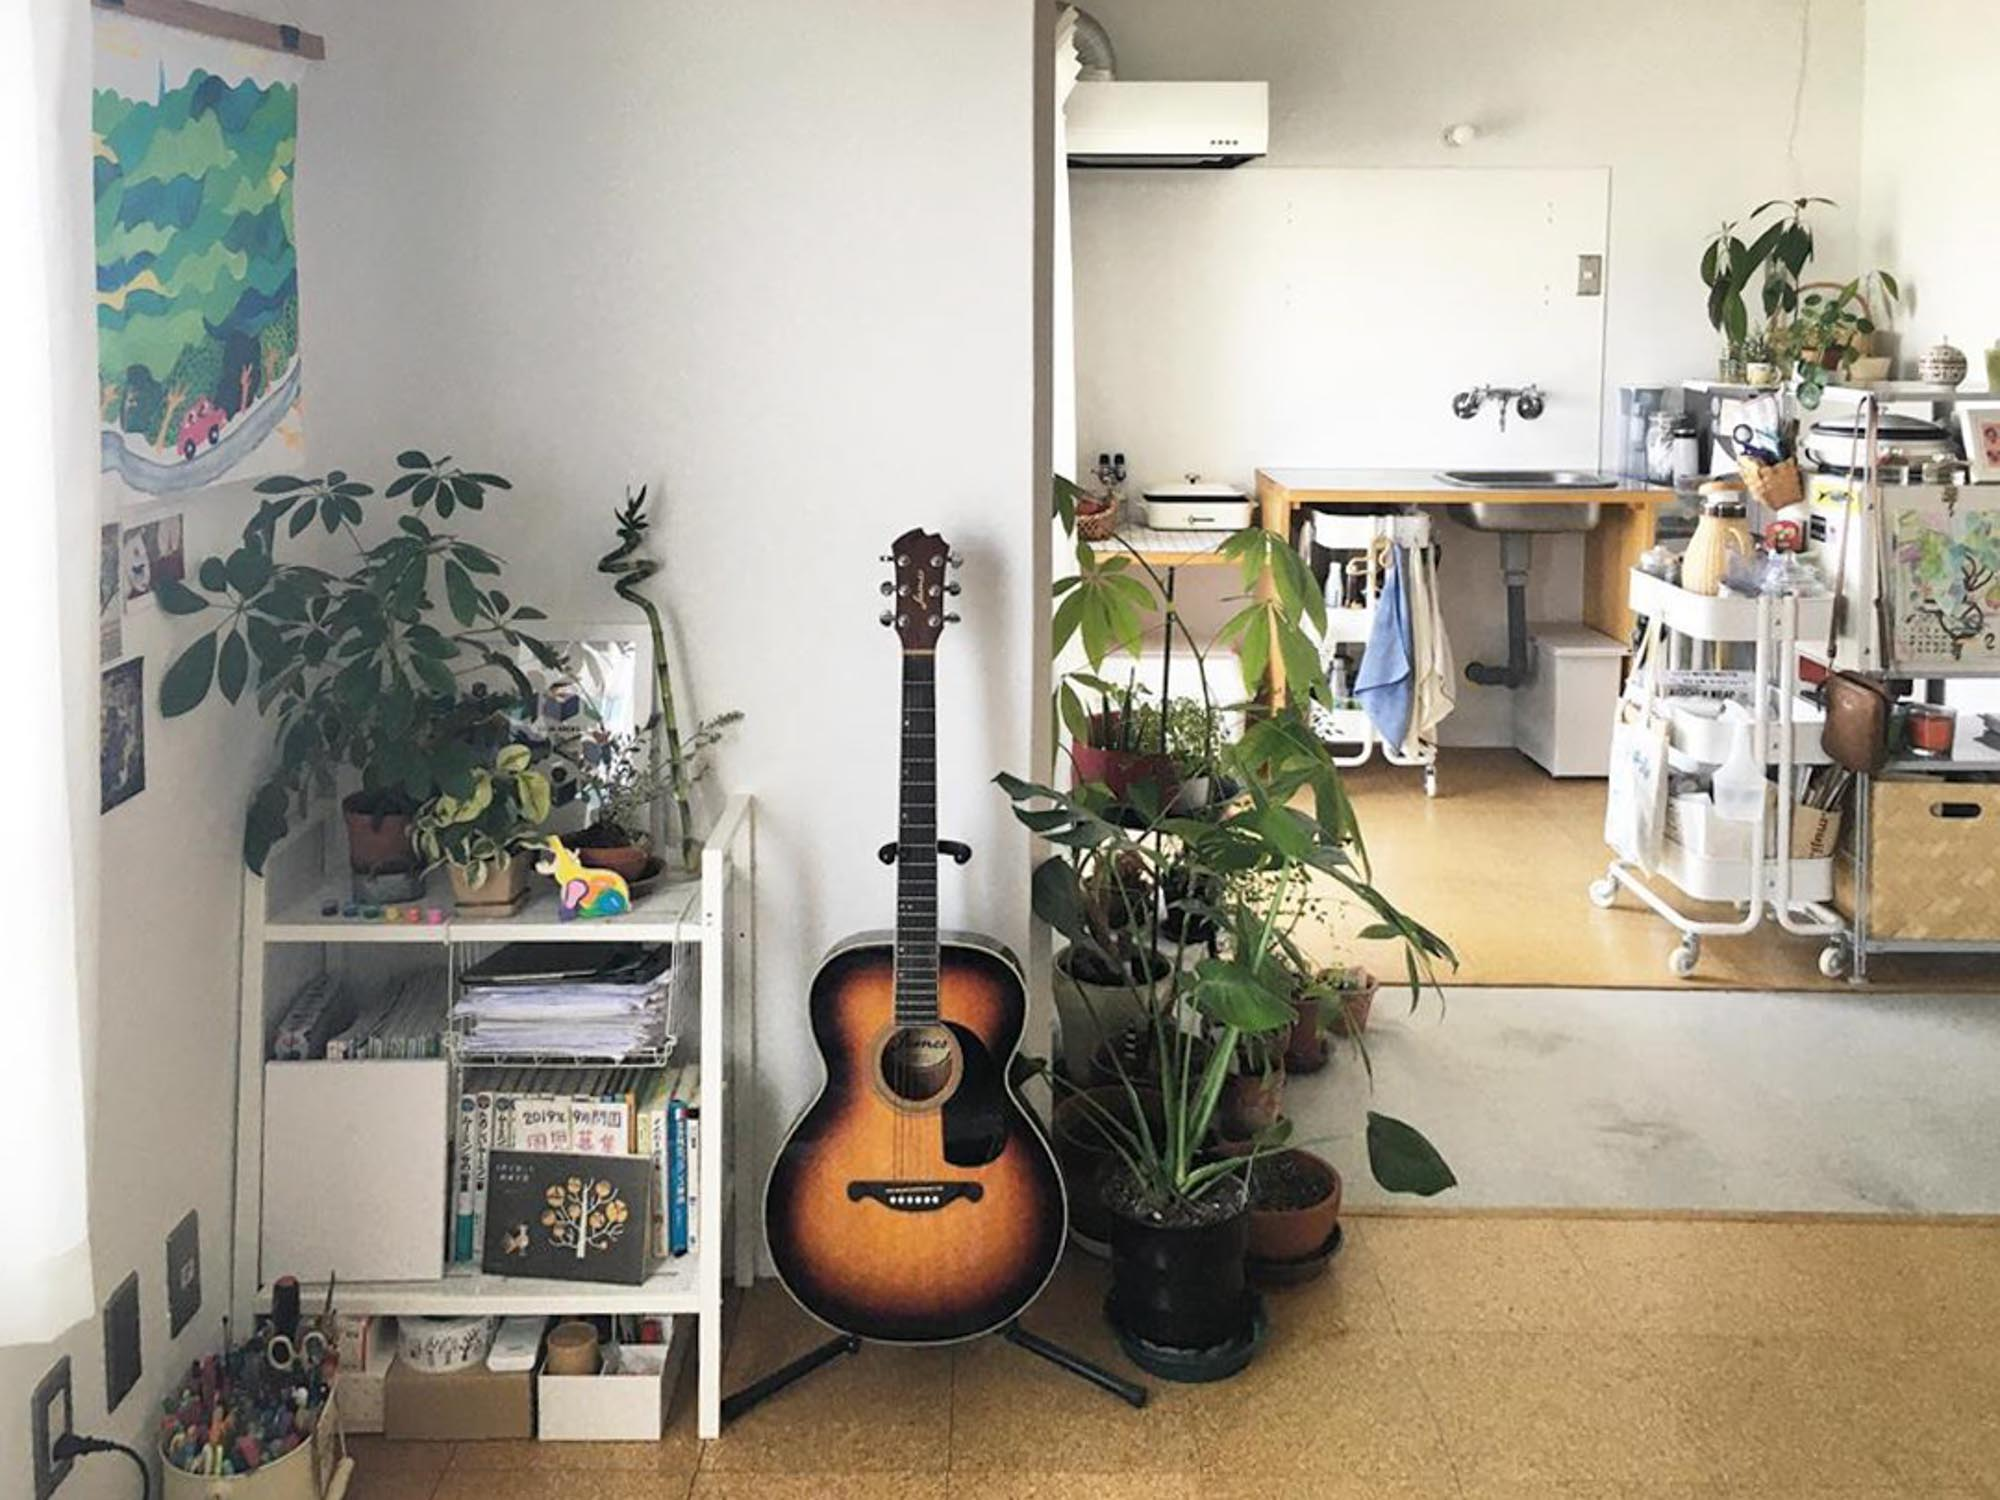 土間のあるリノベーション団地で緑に囲まれ暮らす。心地よい一人暮らしのインテリア